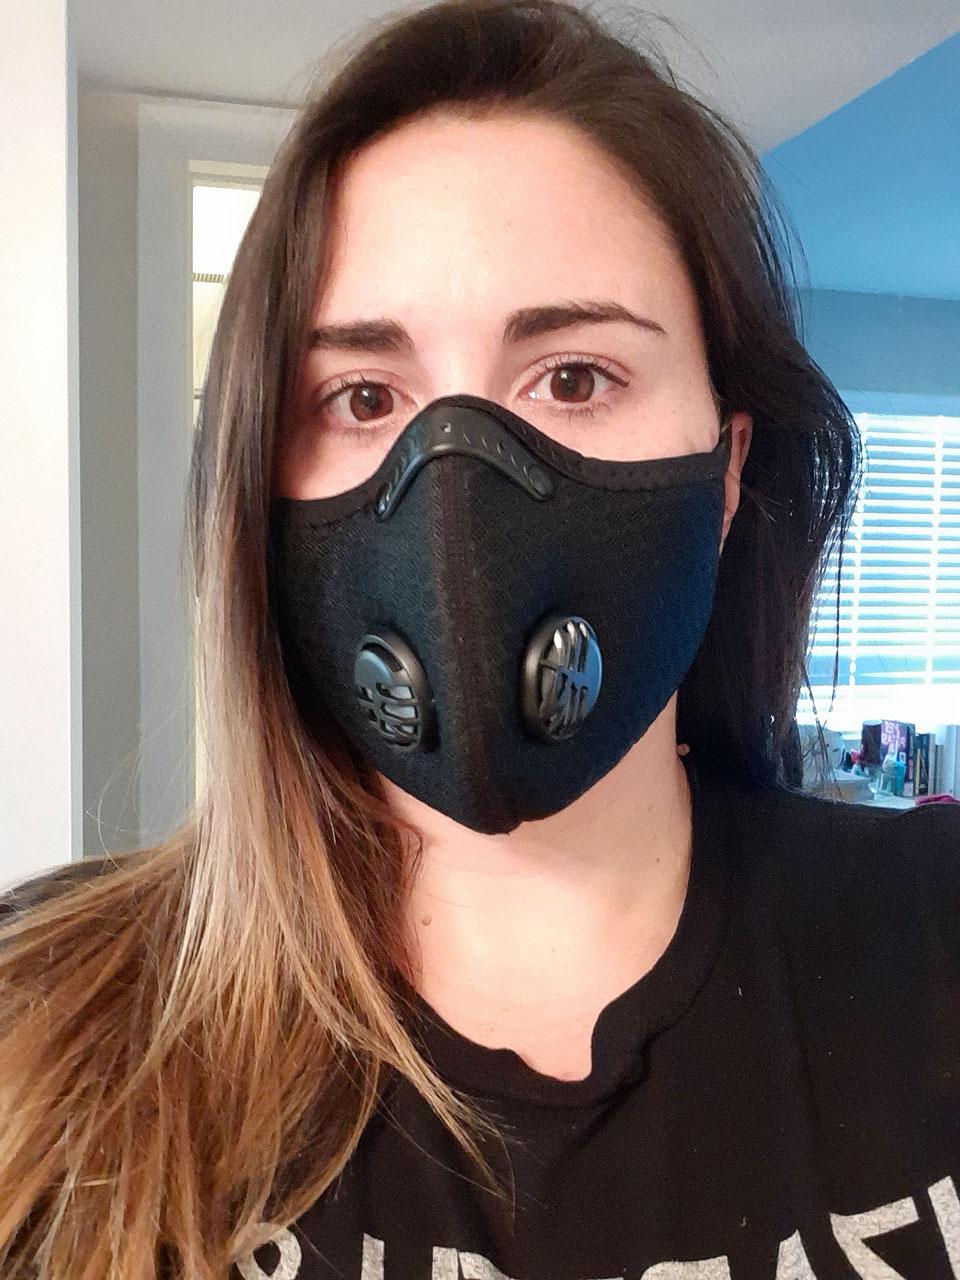 Elizabeth Wetherell shares a mask selfie